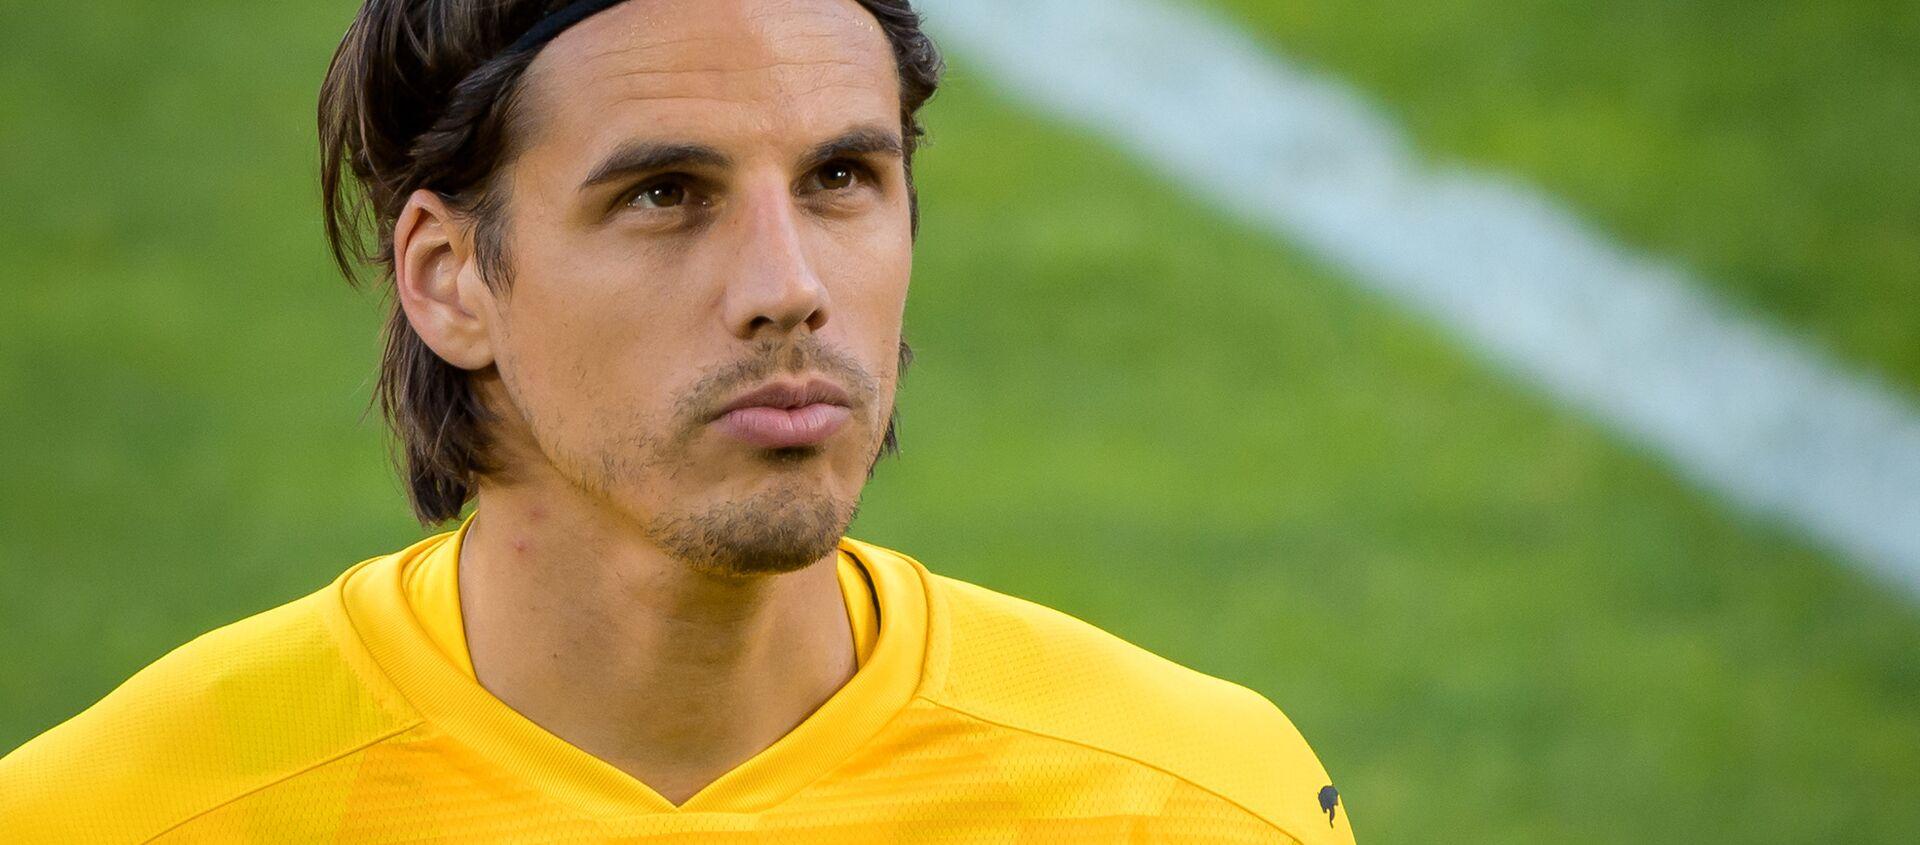 Cầu thủ bóng đá Thụy Sĩ, thủ môn của câu lạc bộ Borussia và đội tuyển quốc gia Thụy Sĩ Yann Sommer - Sputnik Việt Nam, 1920, 01.06.2021